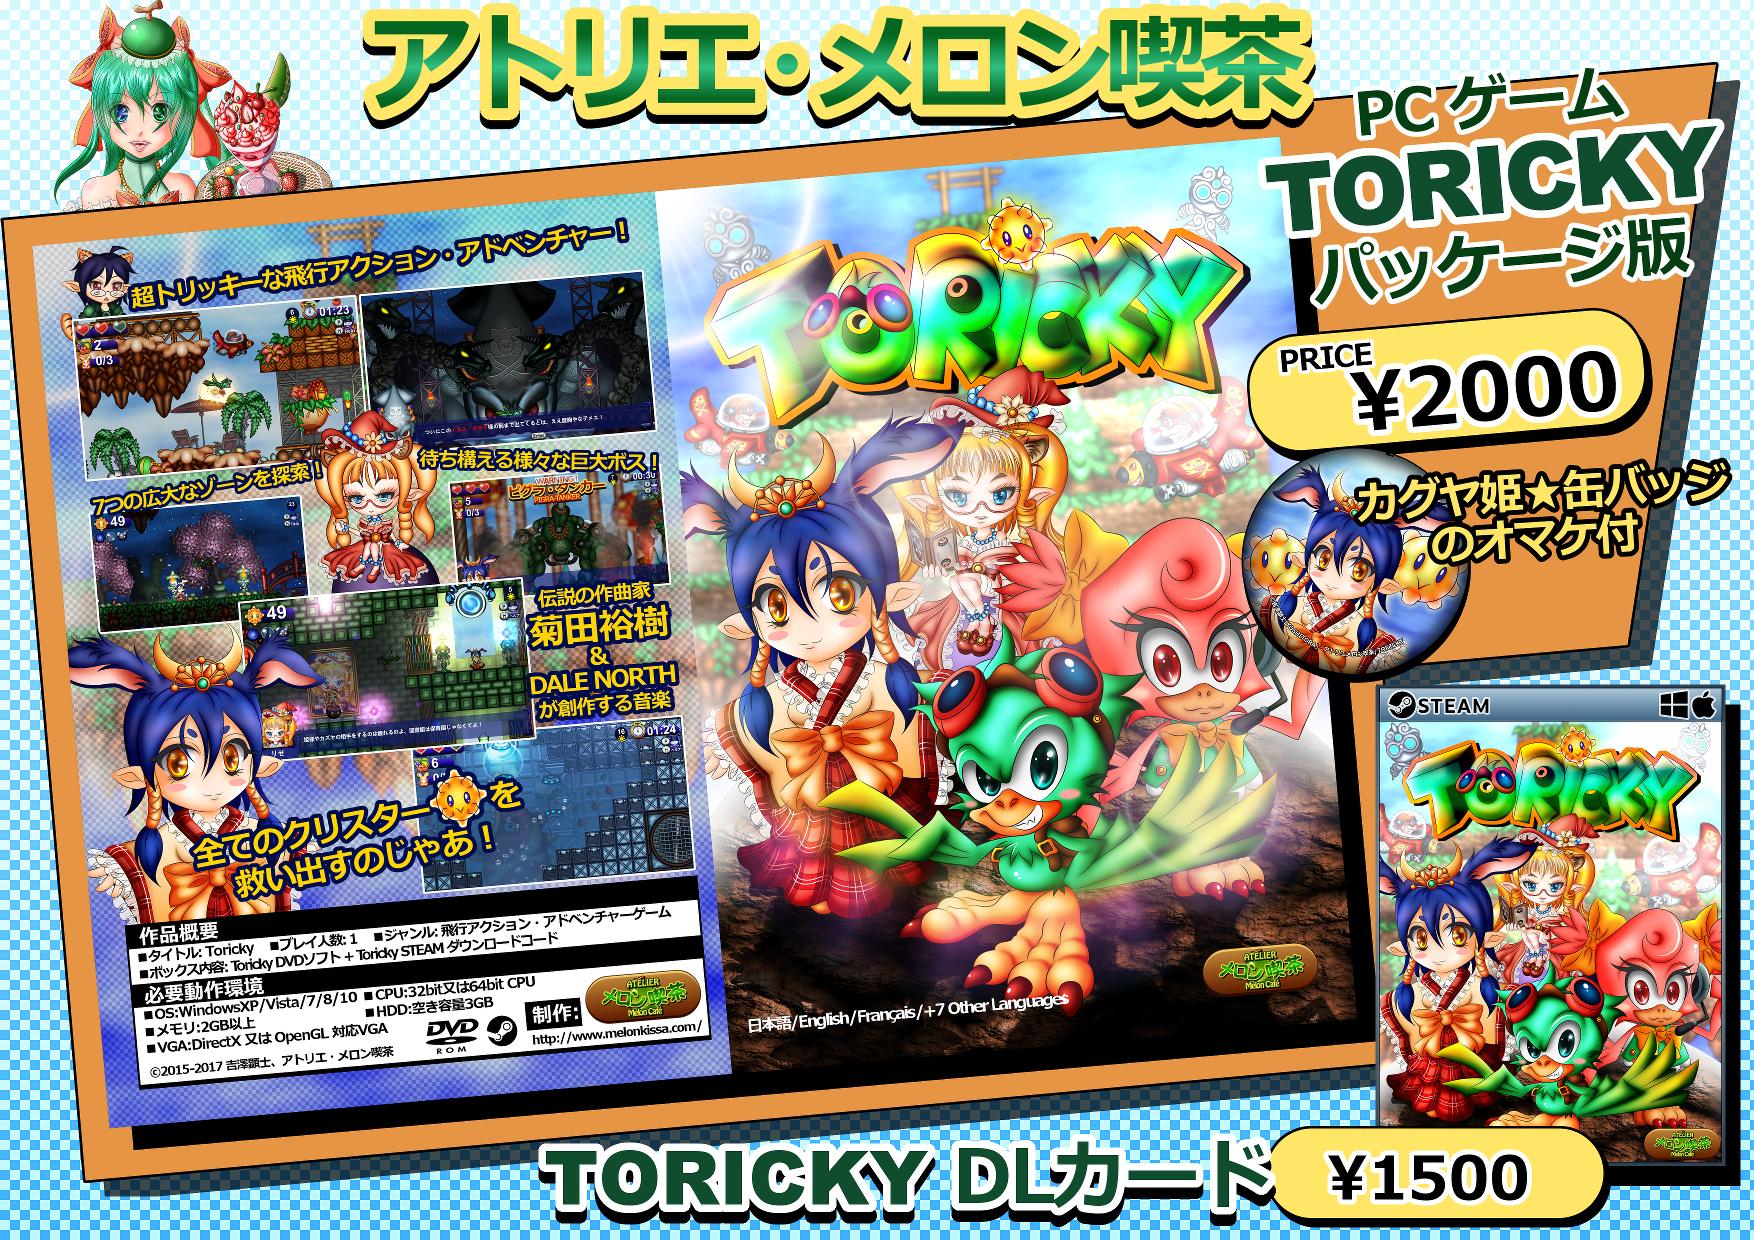 20171007_DoujinGameFes_Toricky_DVDoshinagaki_02